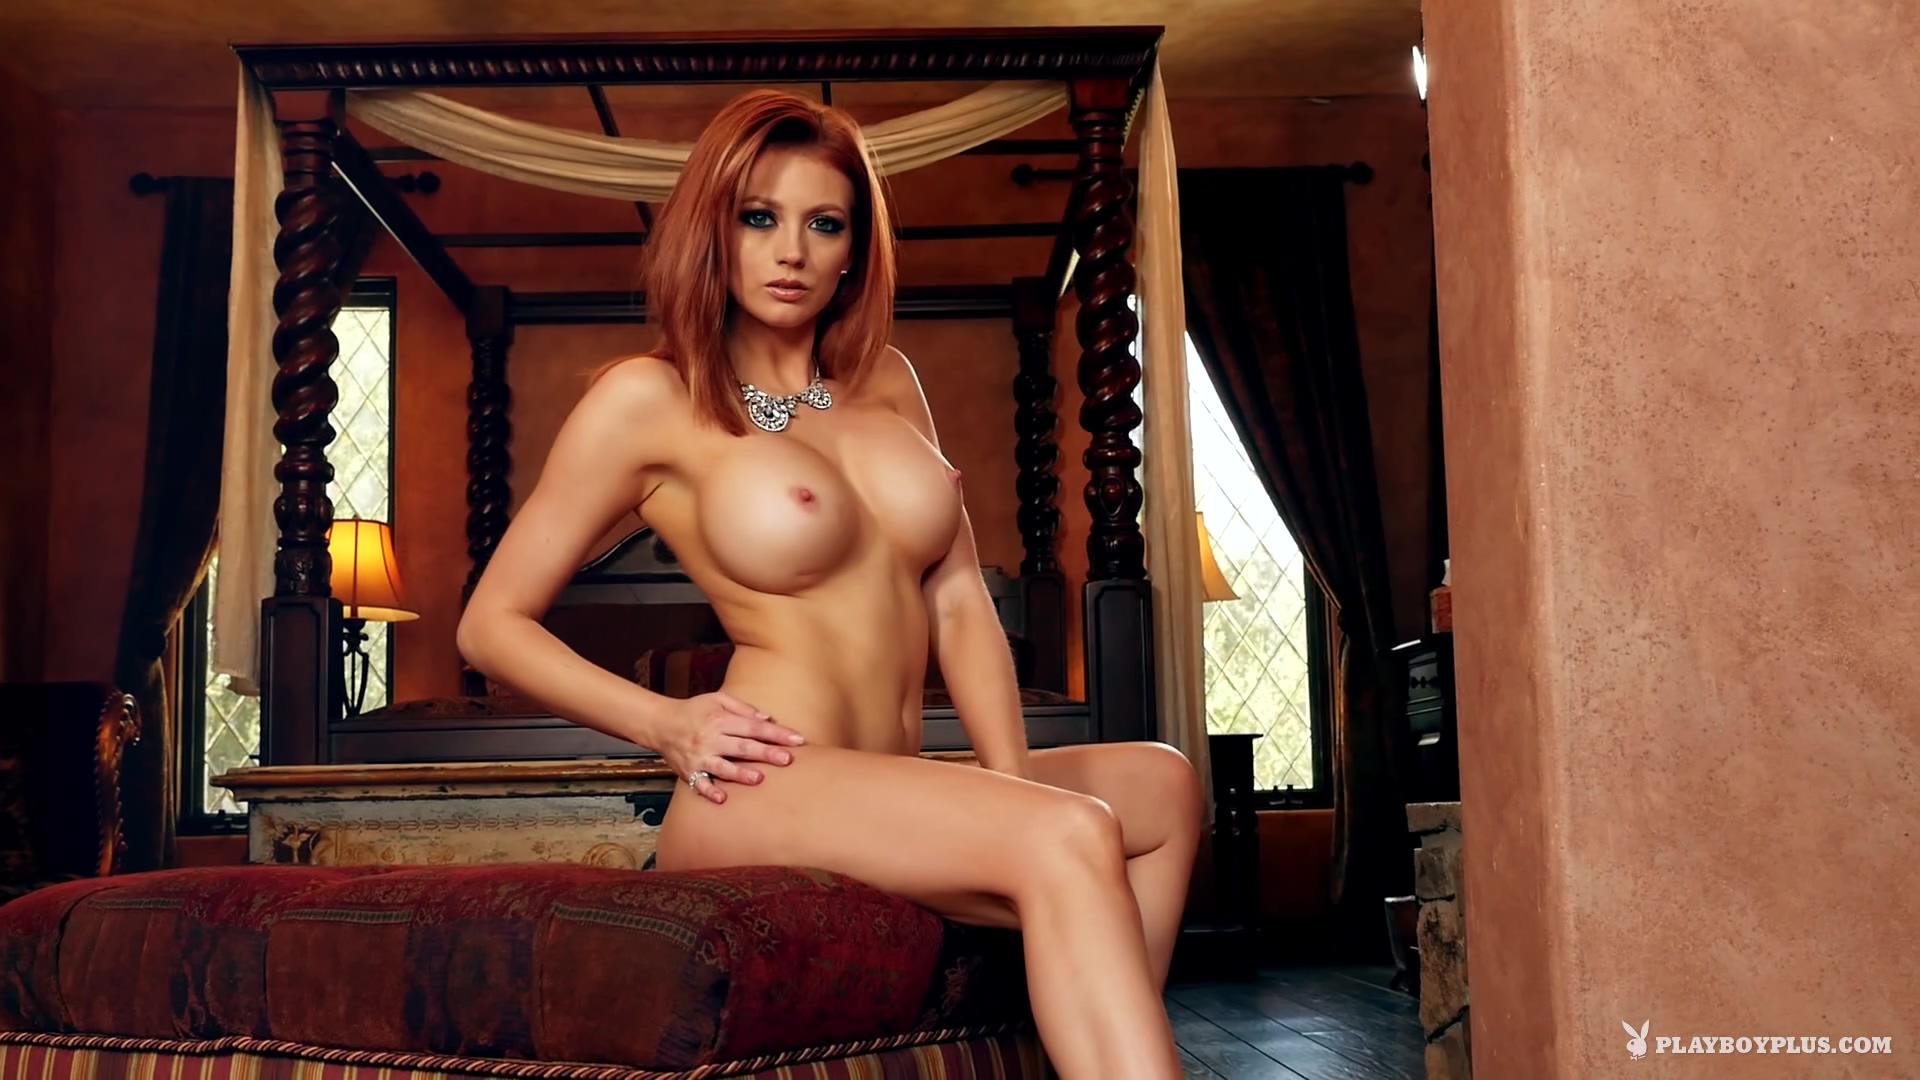 Video 1534577704: gabriella paltrova, gabby quinteros, solo female big tits, big tits solo hd, red head solo